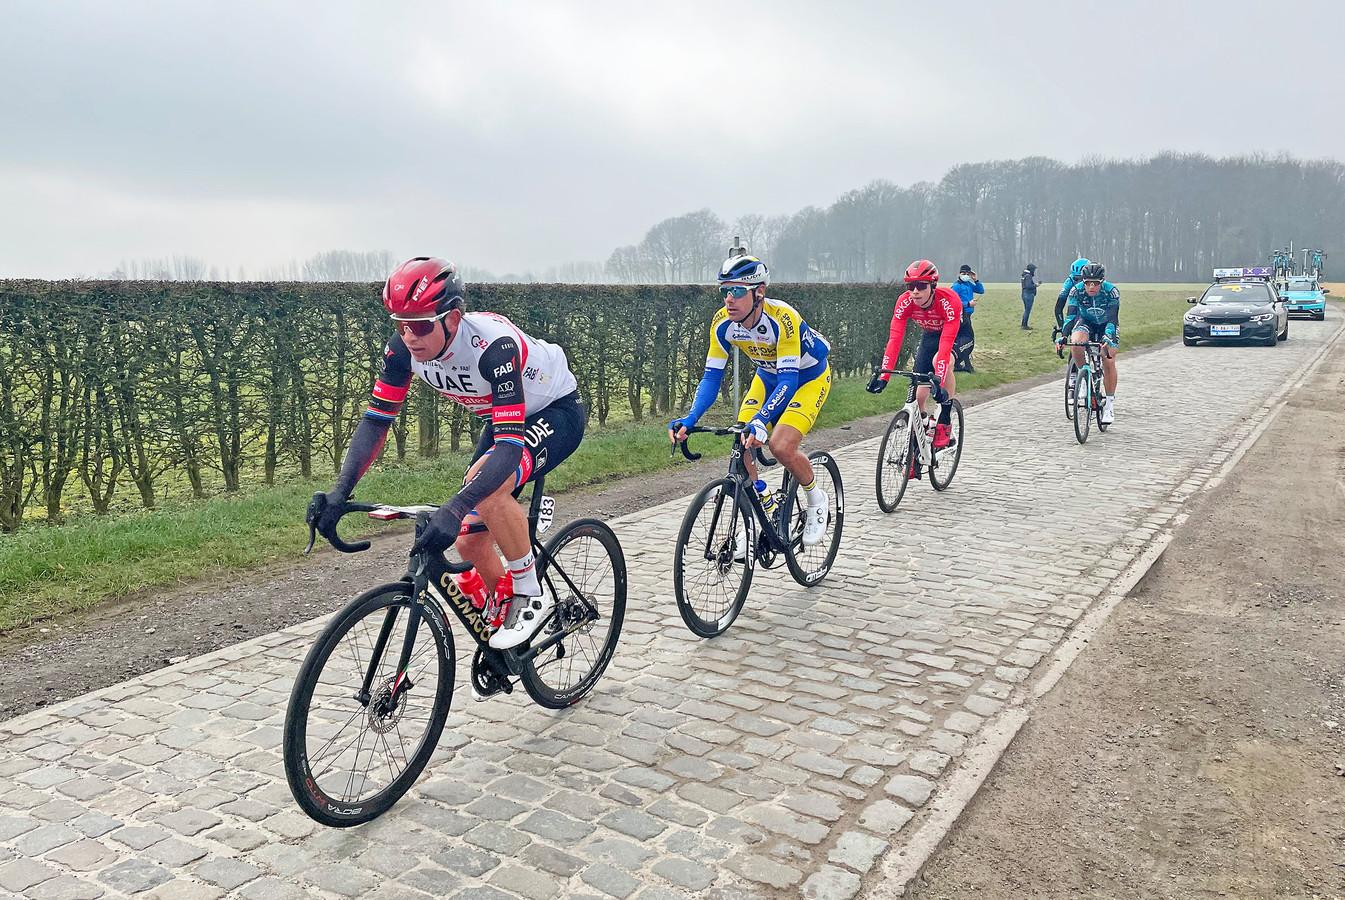 Twee Oost-Vlamingen in de vroege vlucht van de Omloop: Kenny De Ketele in tweede positie op de Huisepontweg, Bert De Backer in vierde